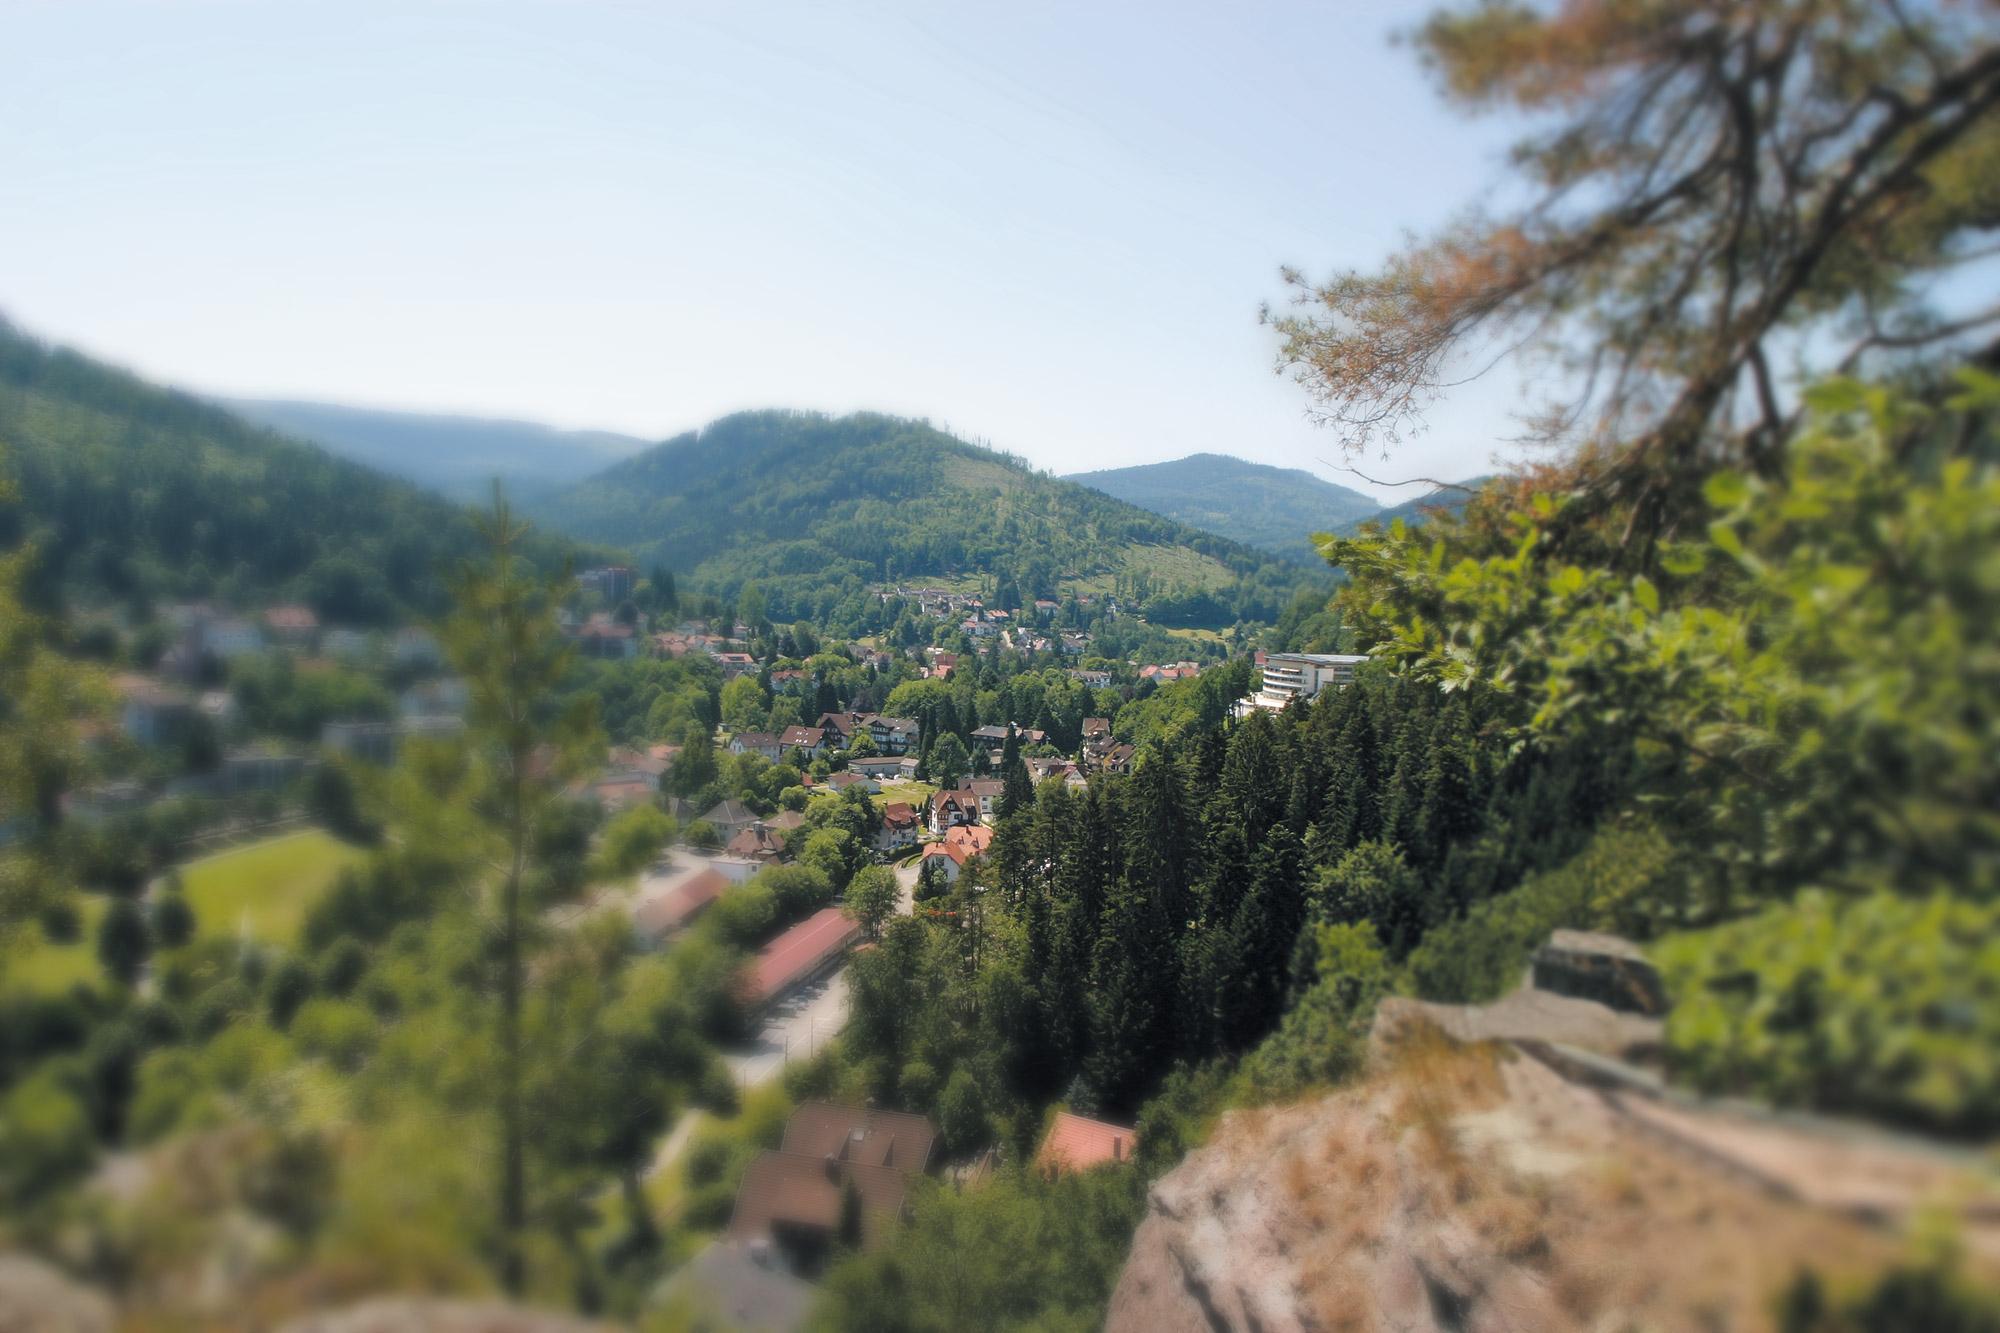 Blick auf den Ort Bad Herrenalb und das Hotel Schwarzwald Panorama